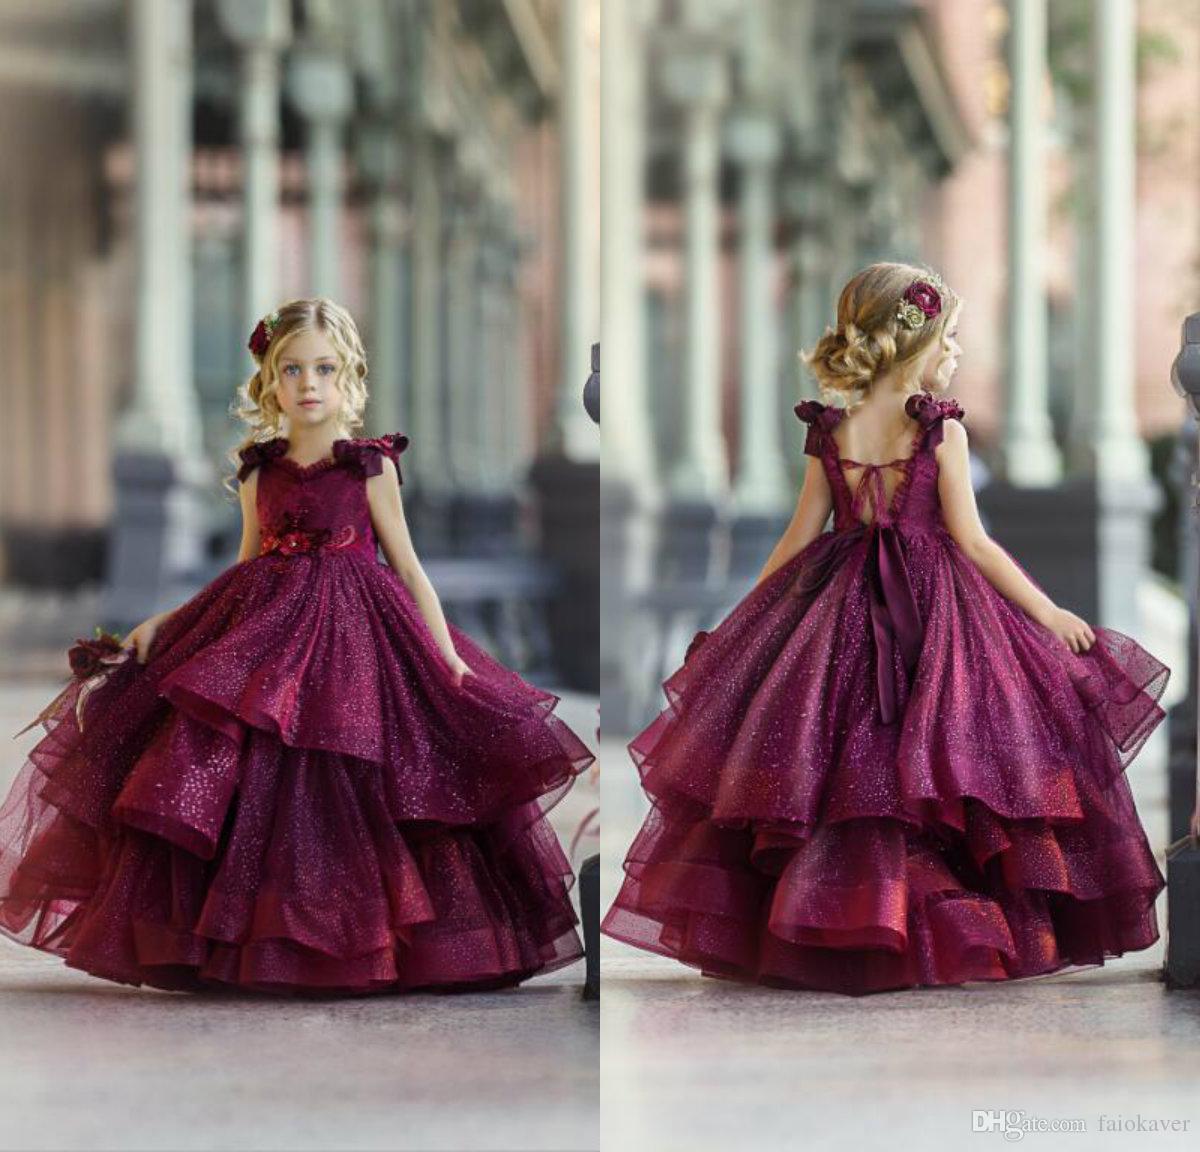 2020 Borgogna Flower Girl Abiti per perline di matrimonio in pizzo perline 3d floreale appliqued floreale bambina abbigliamento abiti abiti da festa abiti da principessa usura